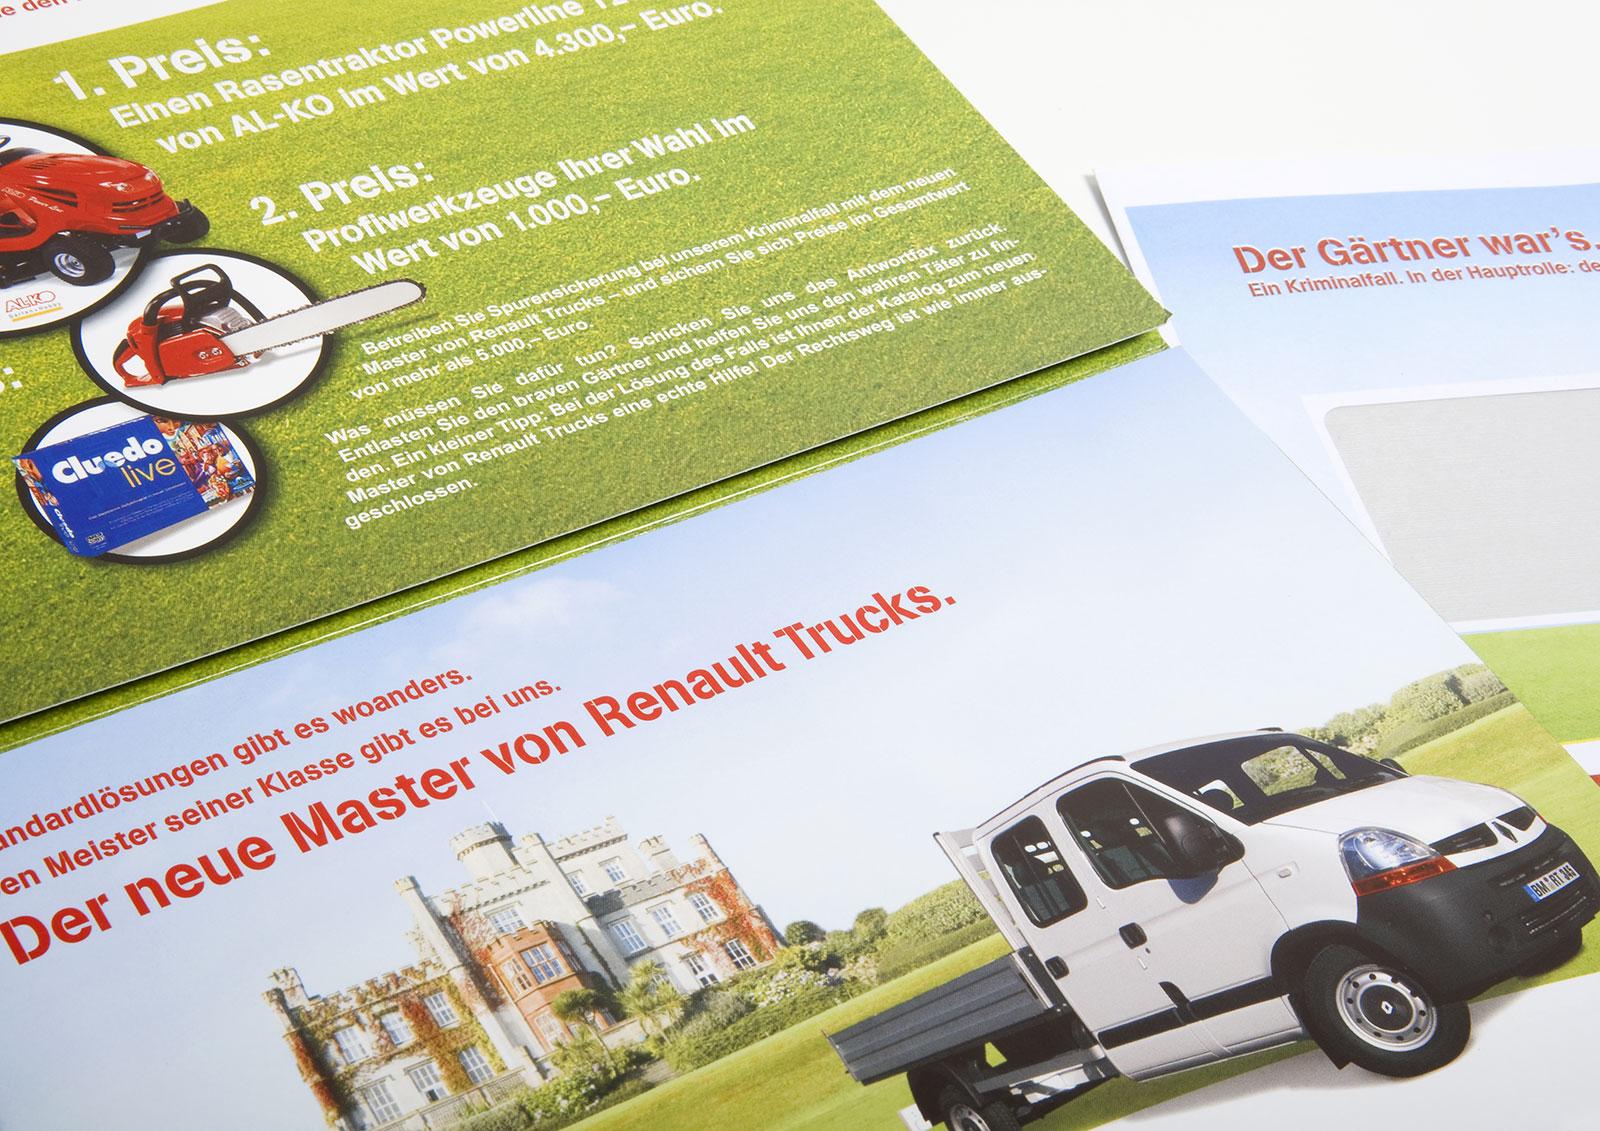 Postalisches Mailing Garten- und Landschaftsbau 2